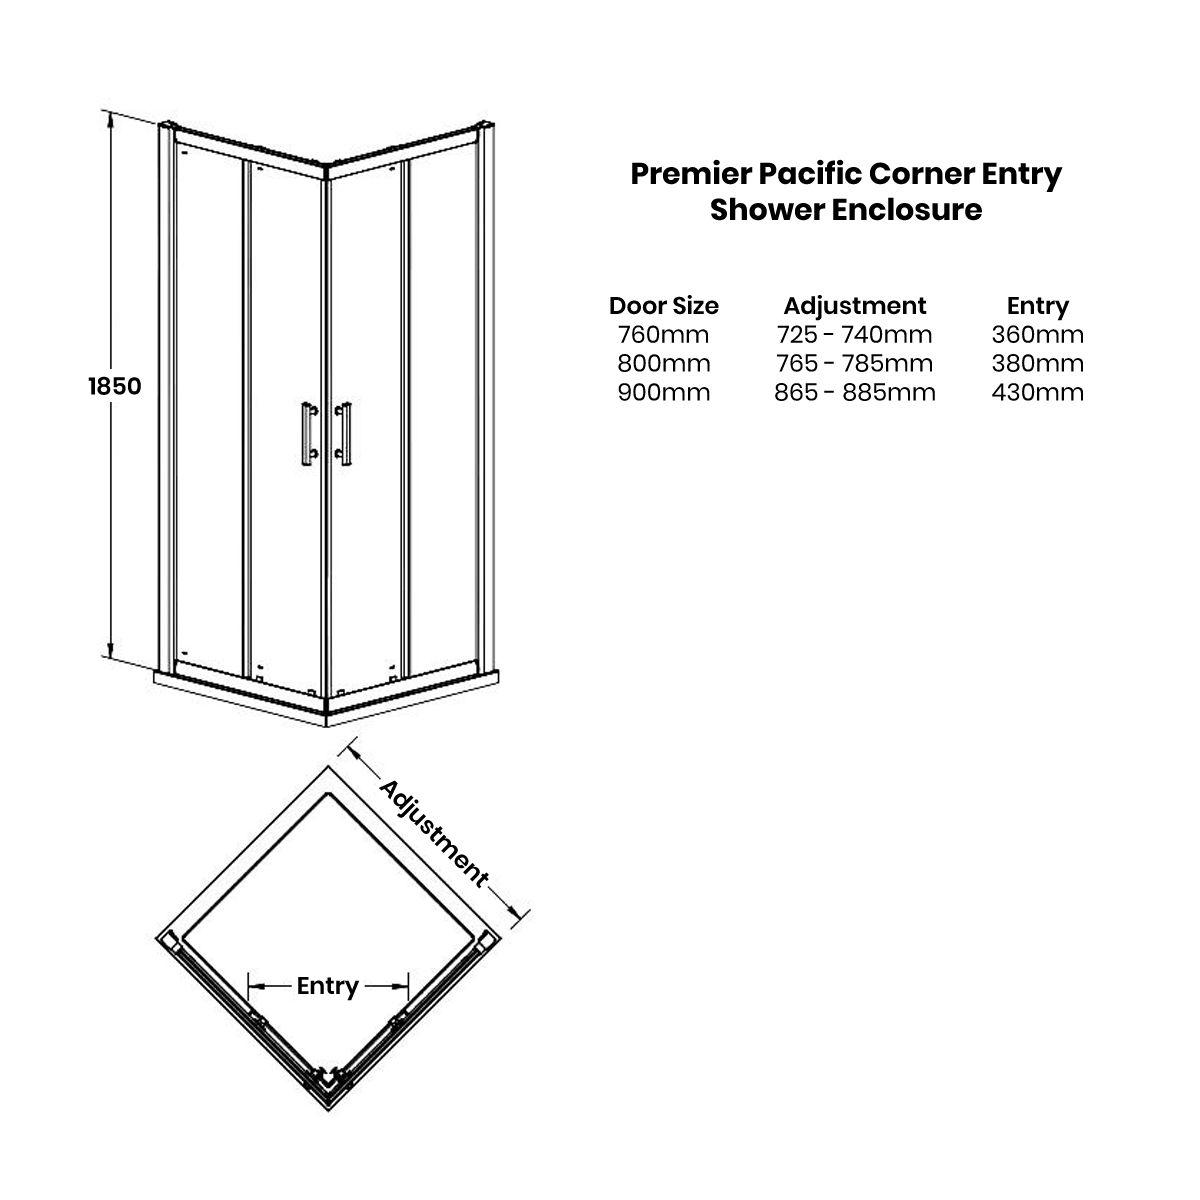 Premier Pacific Corner Entry Shower Enclosure Dimensions